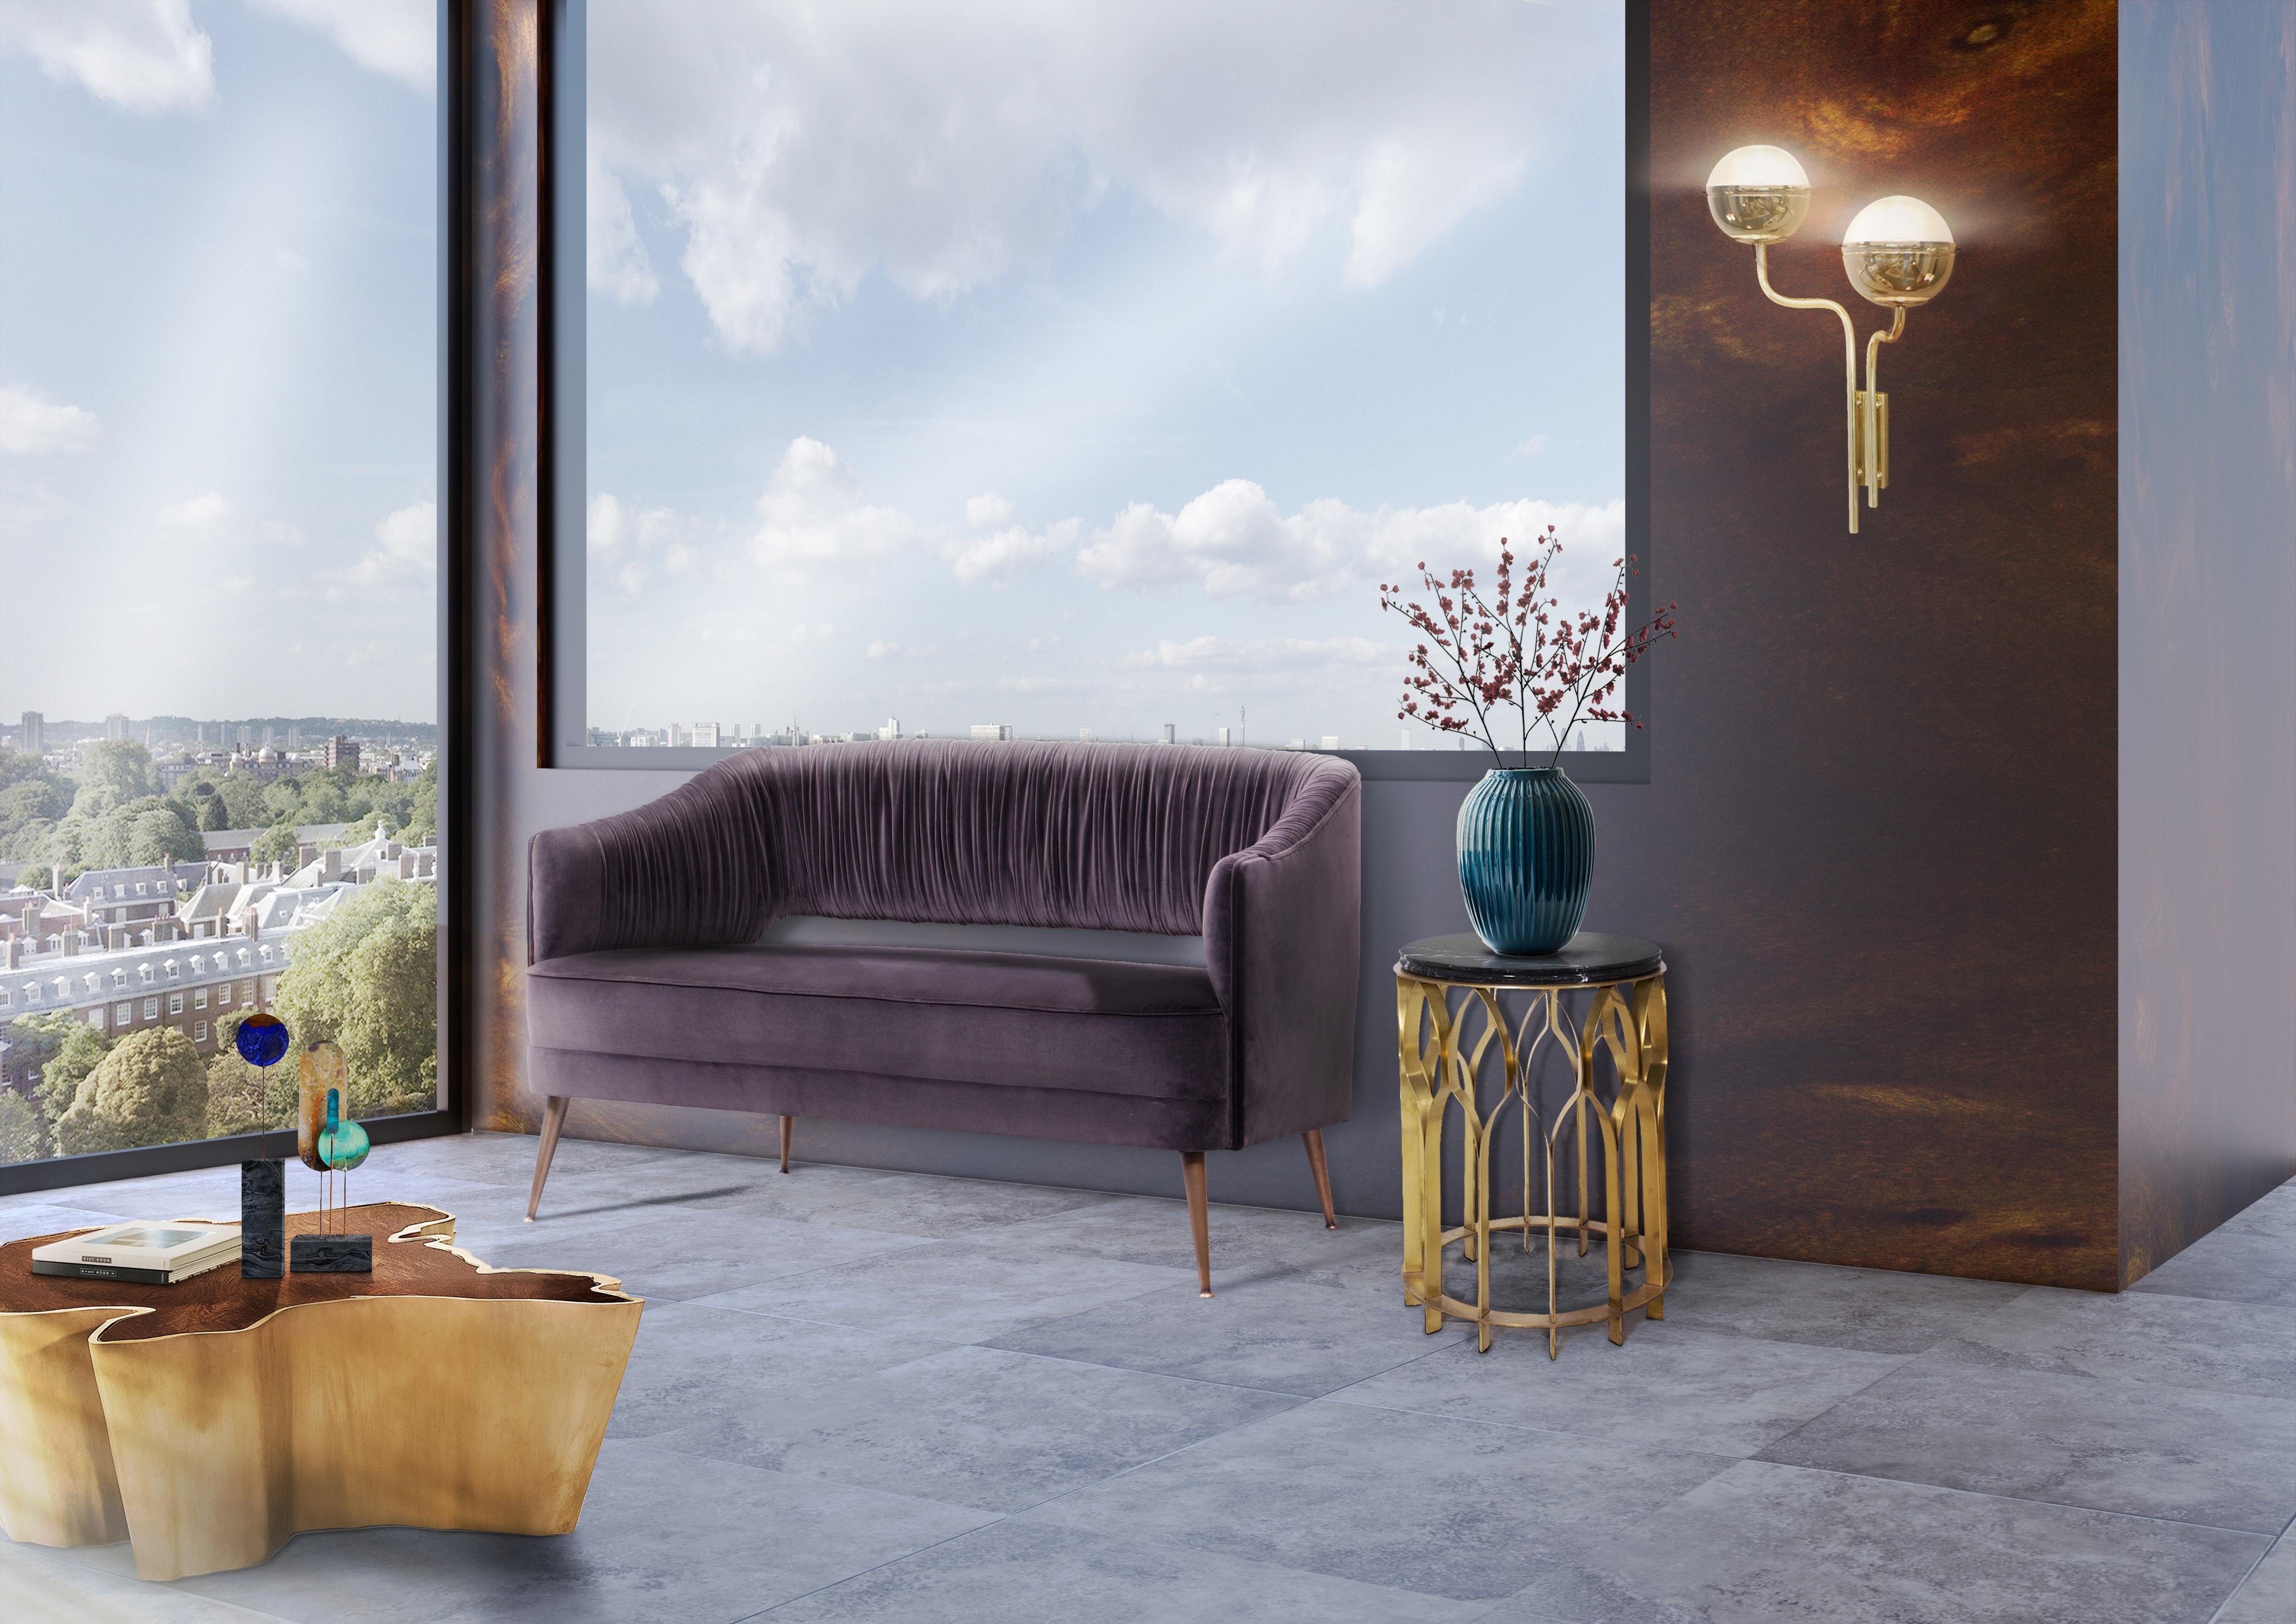 Весенние цветовые тенденции: 5 советов по дизайну интерьера цветовые тенденции Весенние цветовые тенденции: советы по дизайну интерьера Hotel brabbu project 15 HR